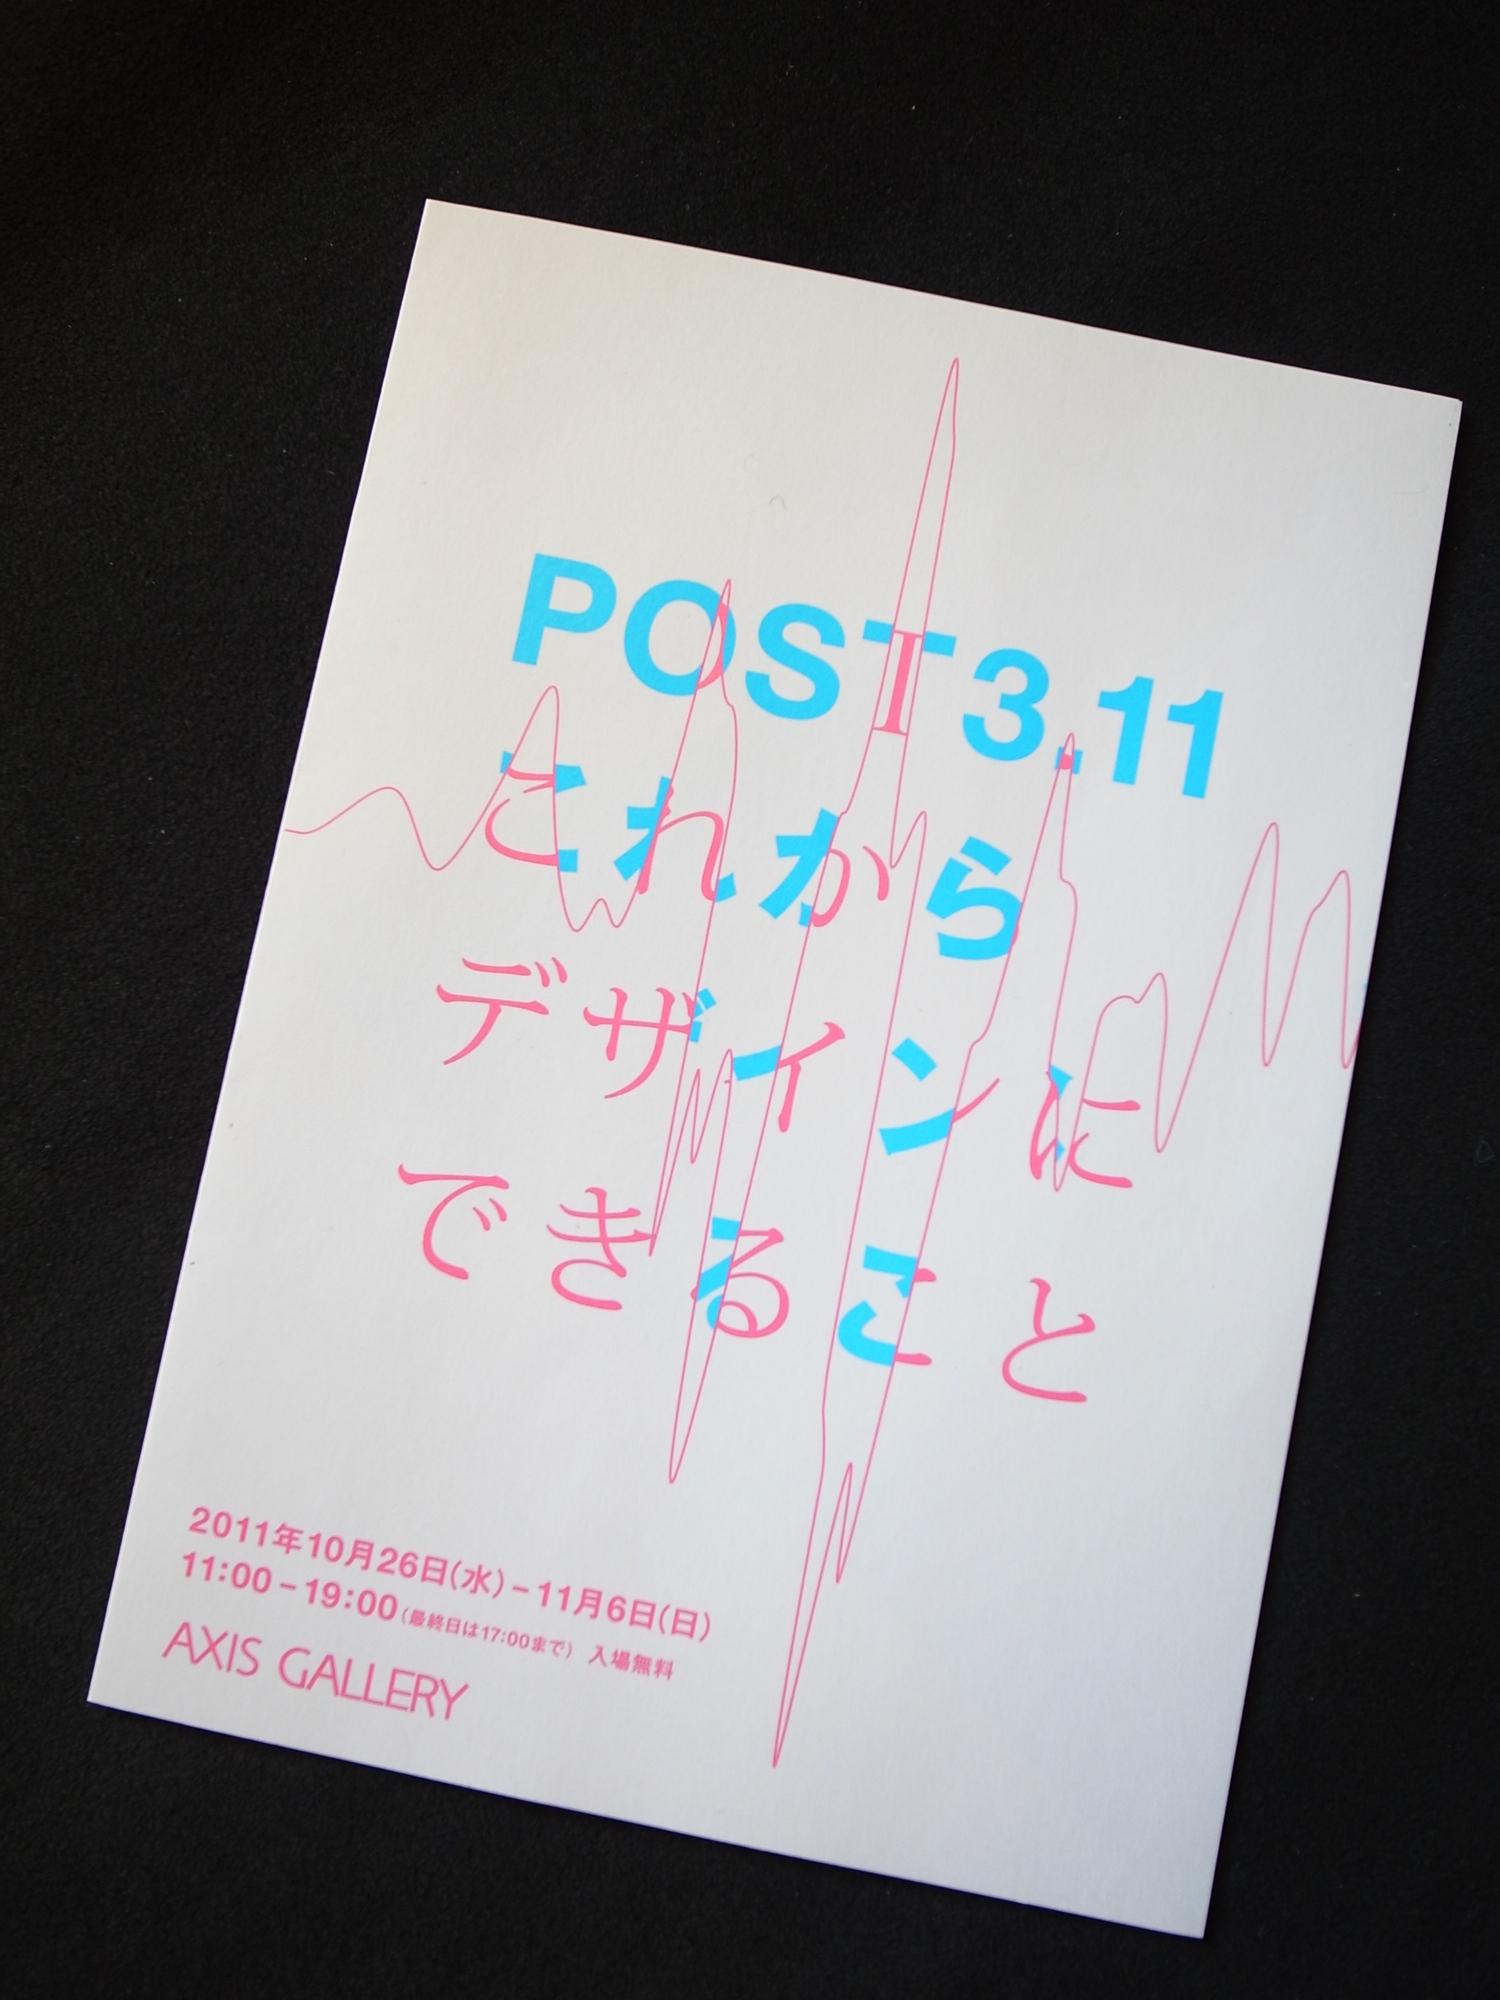 POST3.11 これからデザインにできること